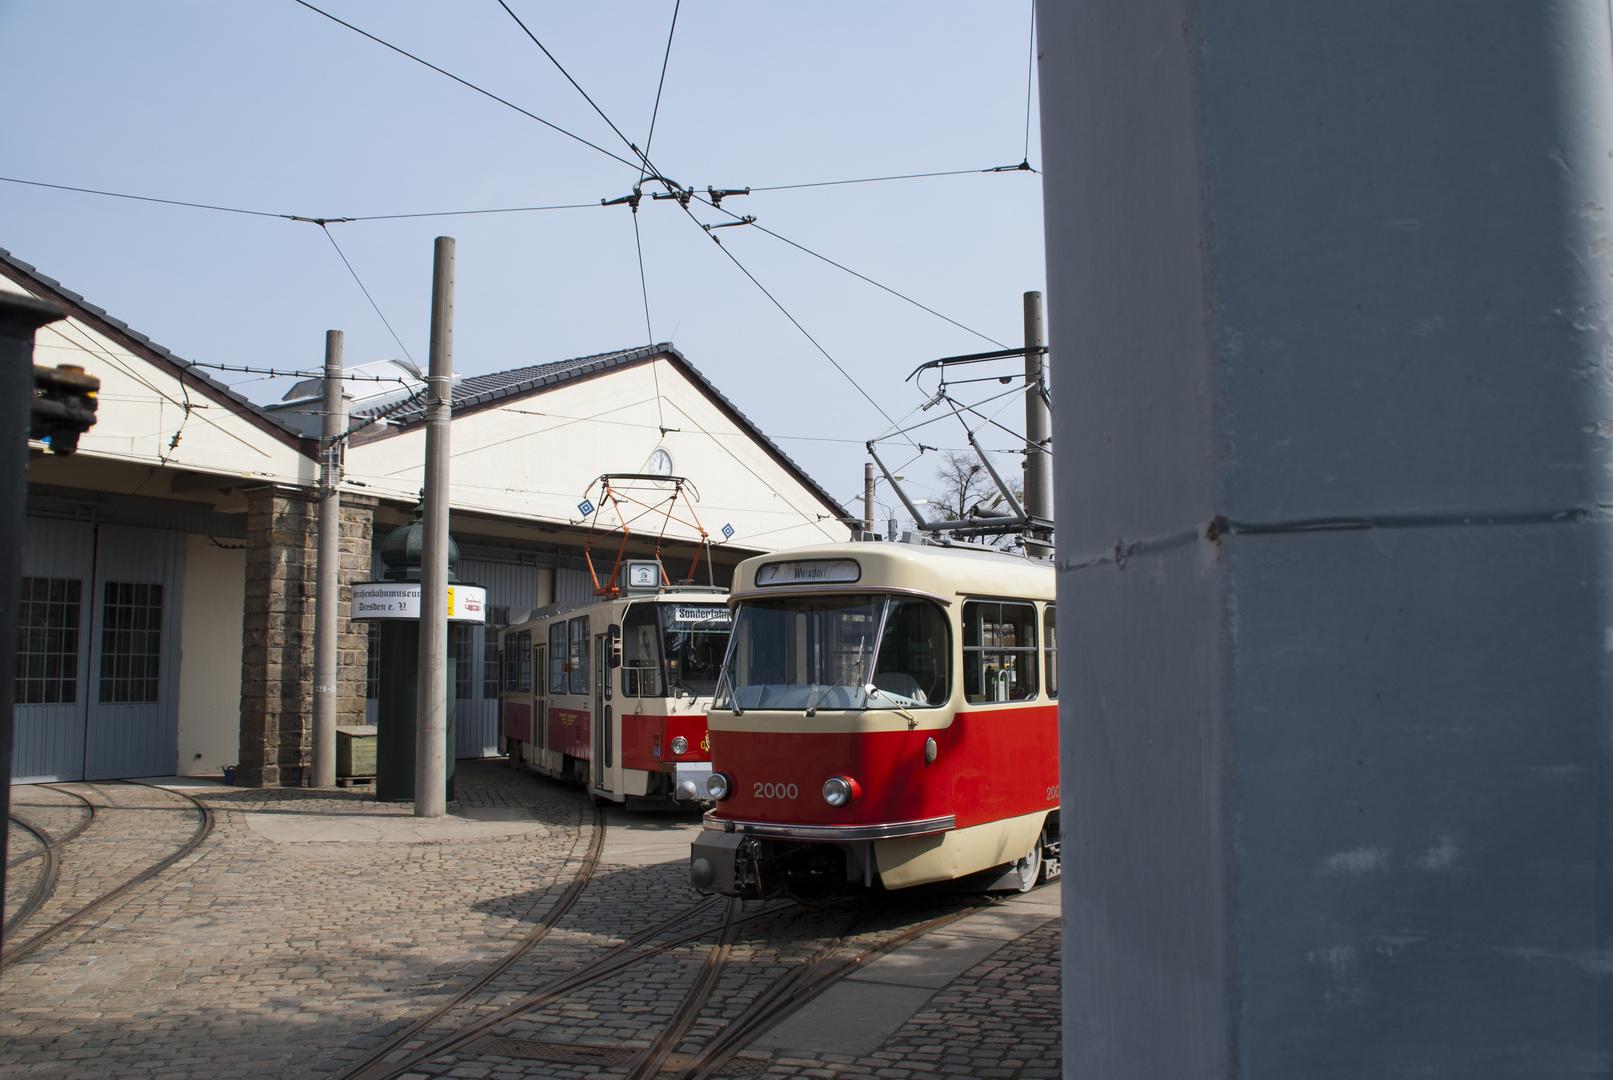 Tatras im Depot Teil 2!